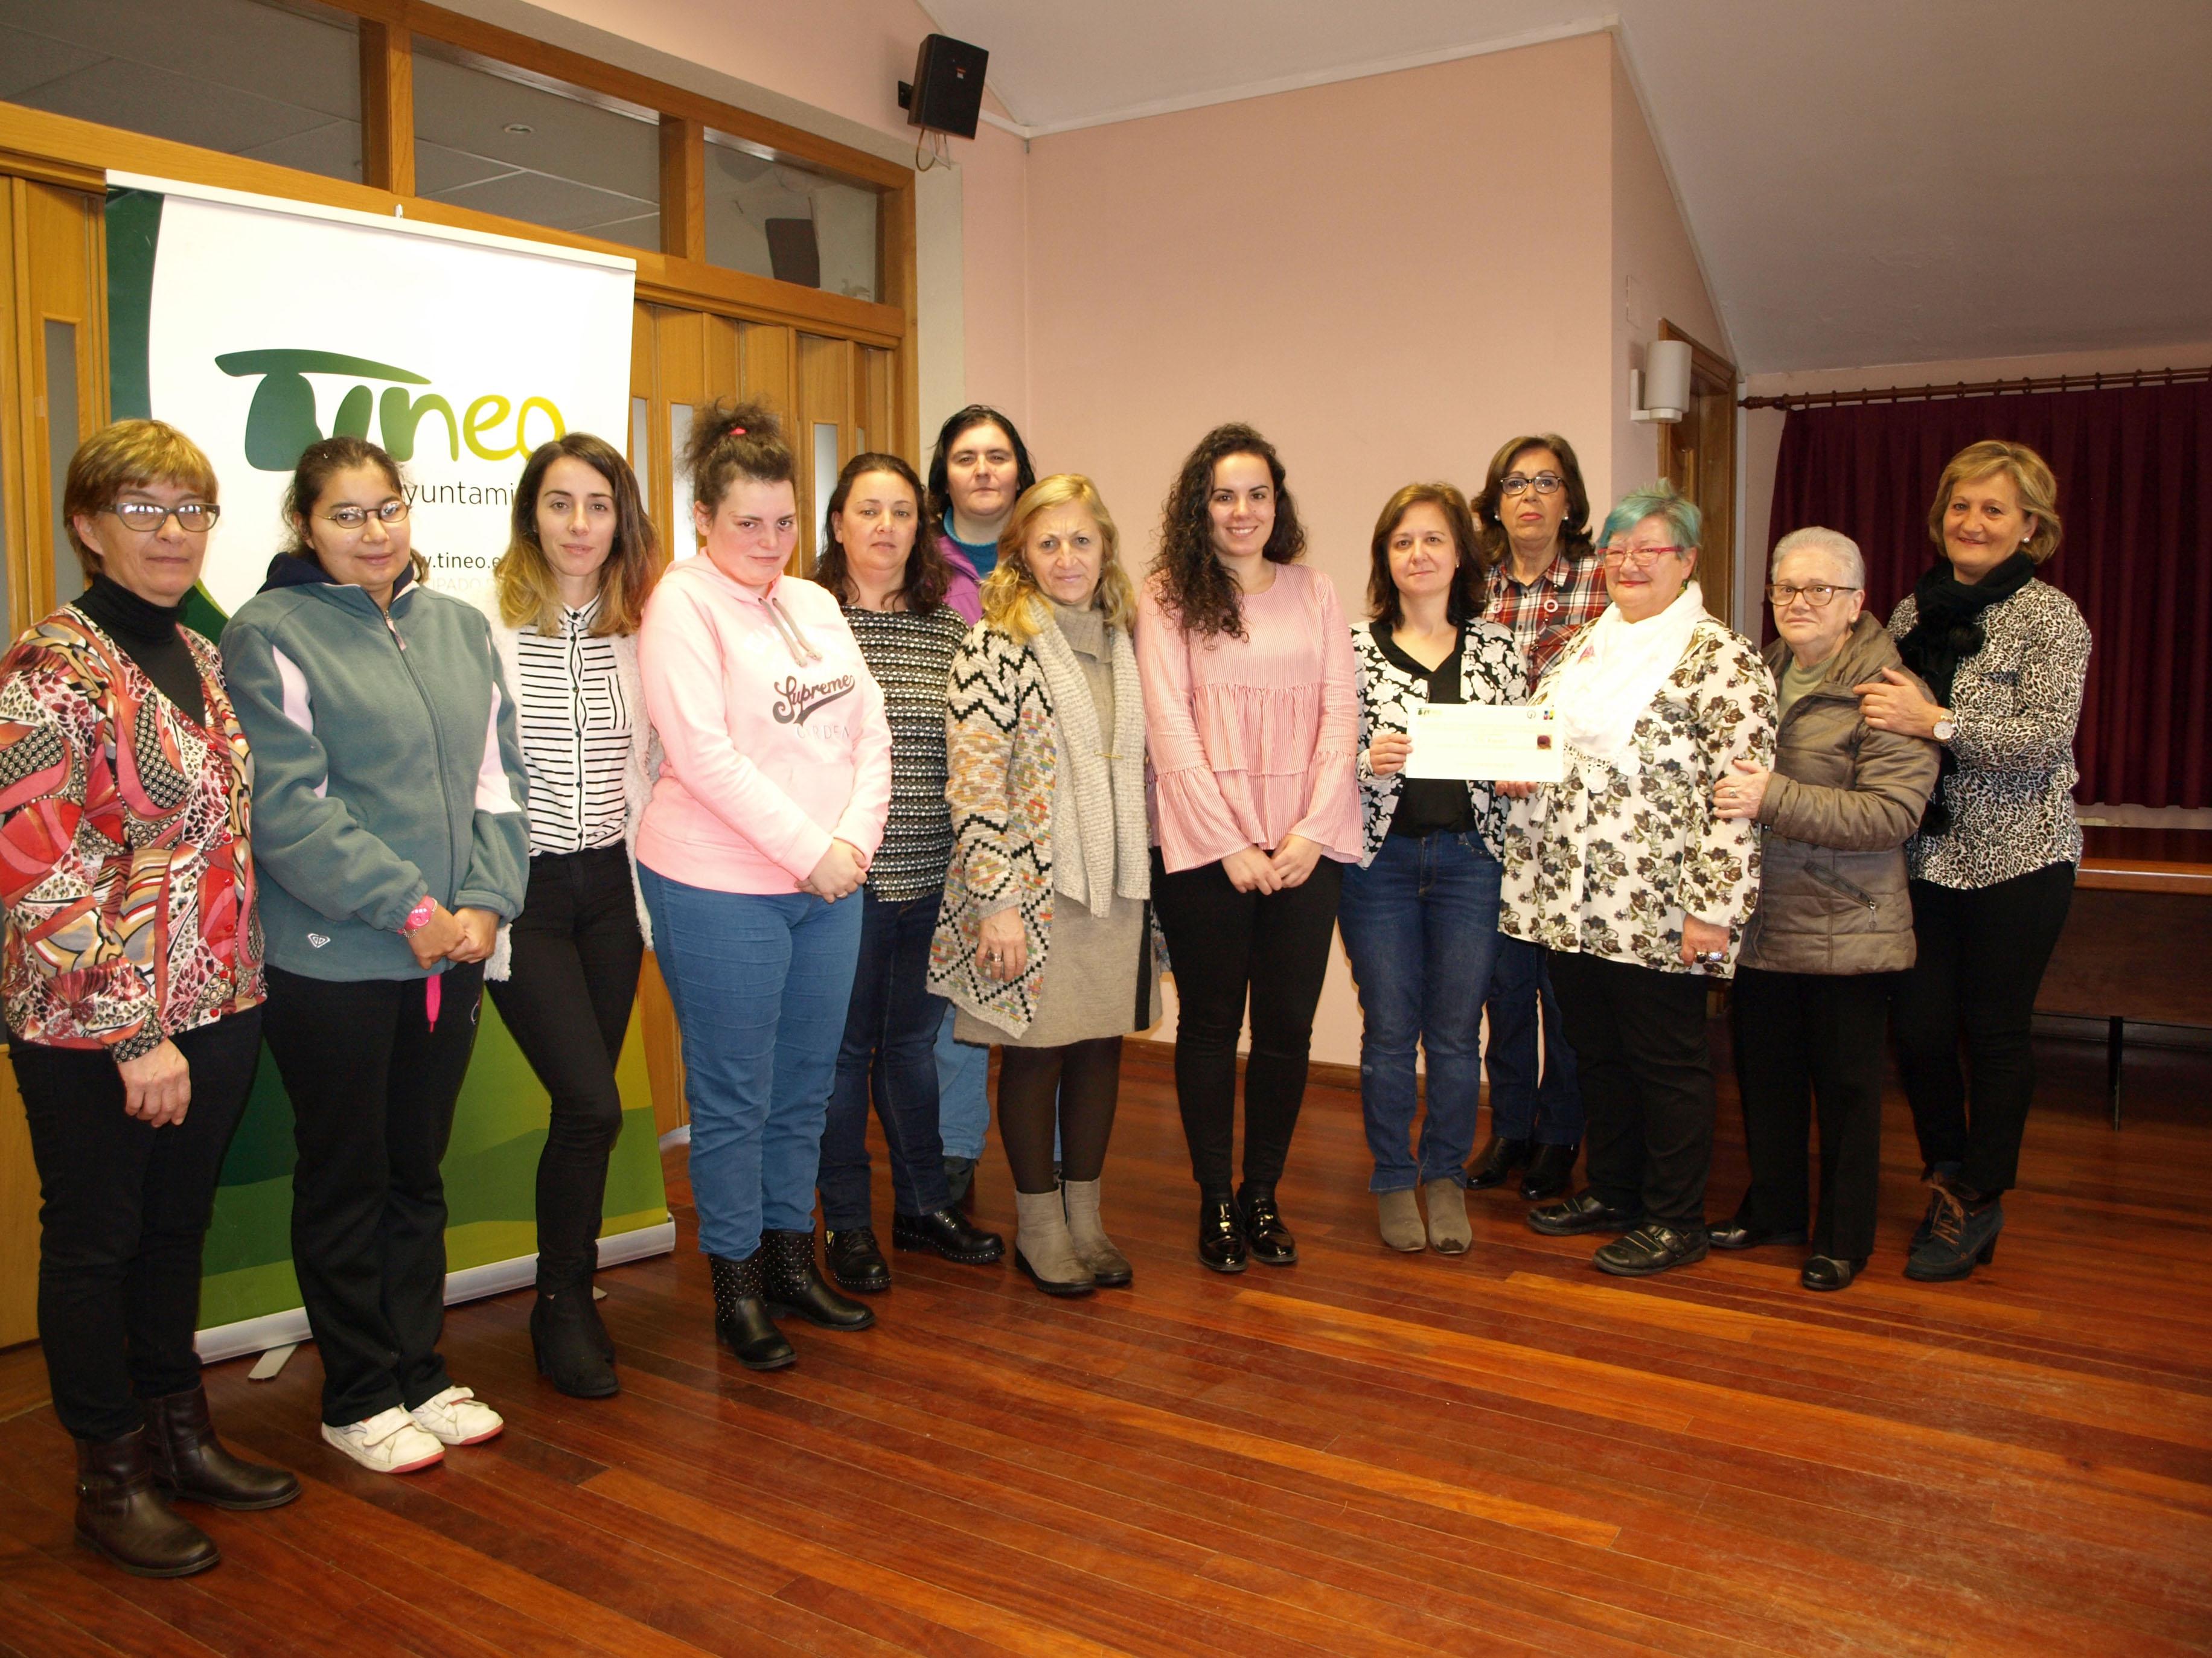 TINEO.-La Asociación Española contra el cáncer recibe 876 euros del mercadillo solidario.